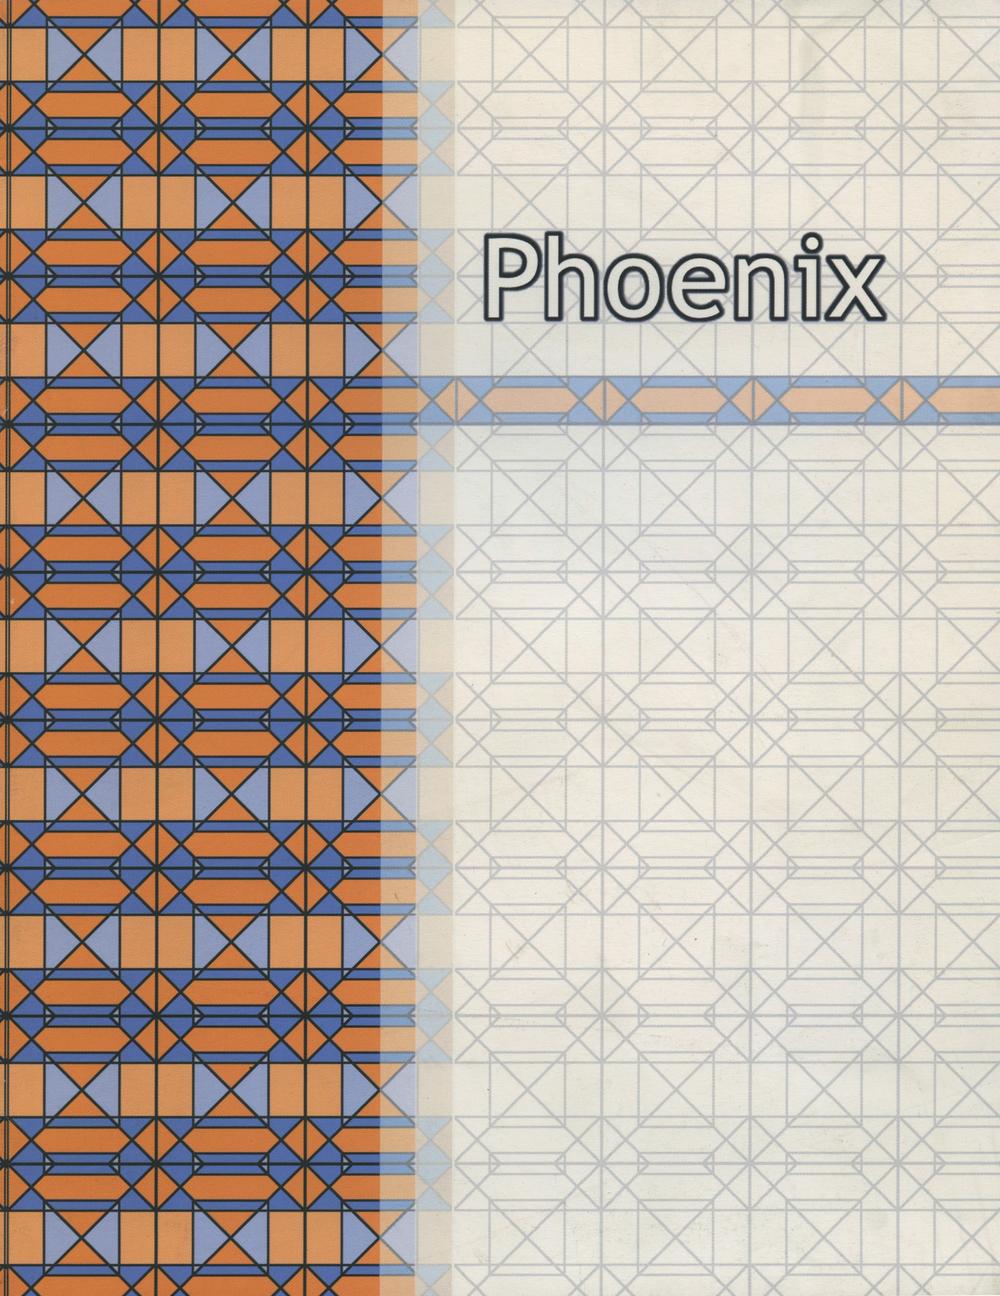 PHOENIX 2000